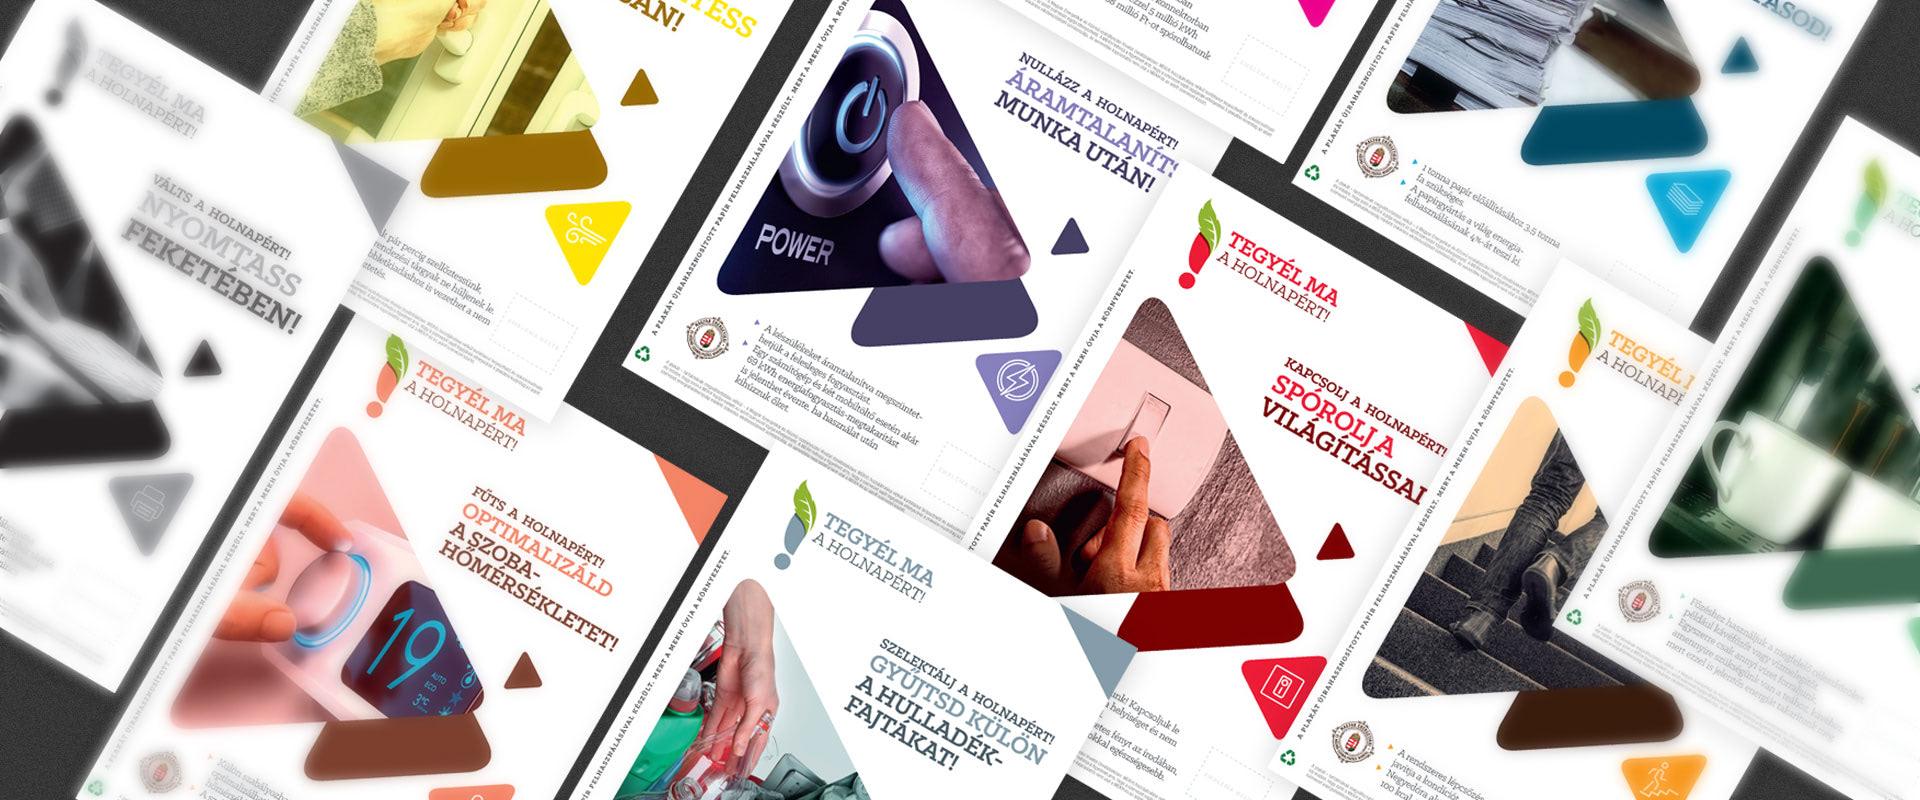 Arculattervezés: a MEKH energiahatékonysági kampány plakátai